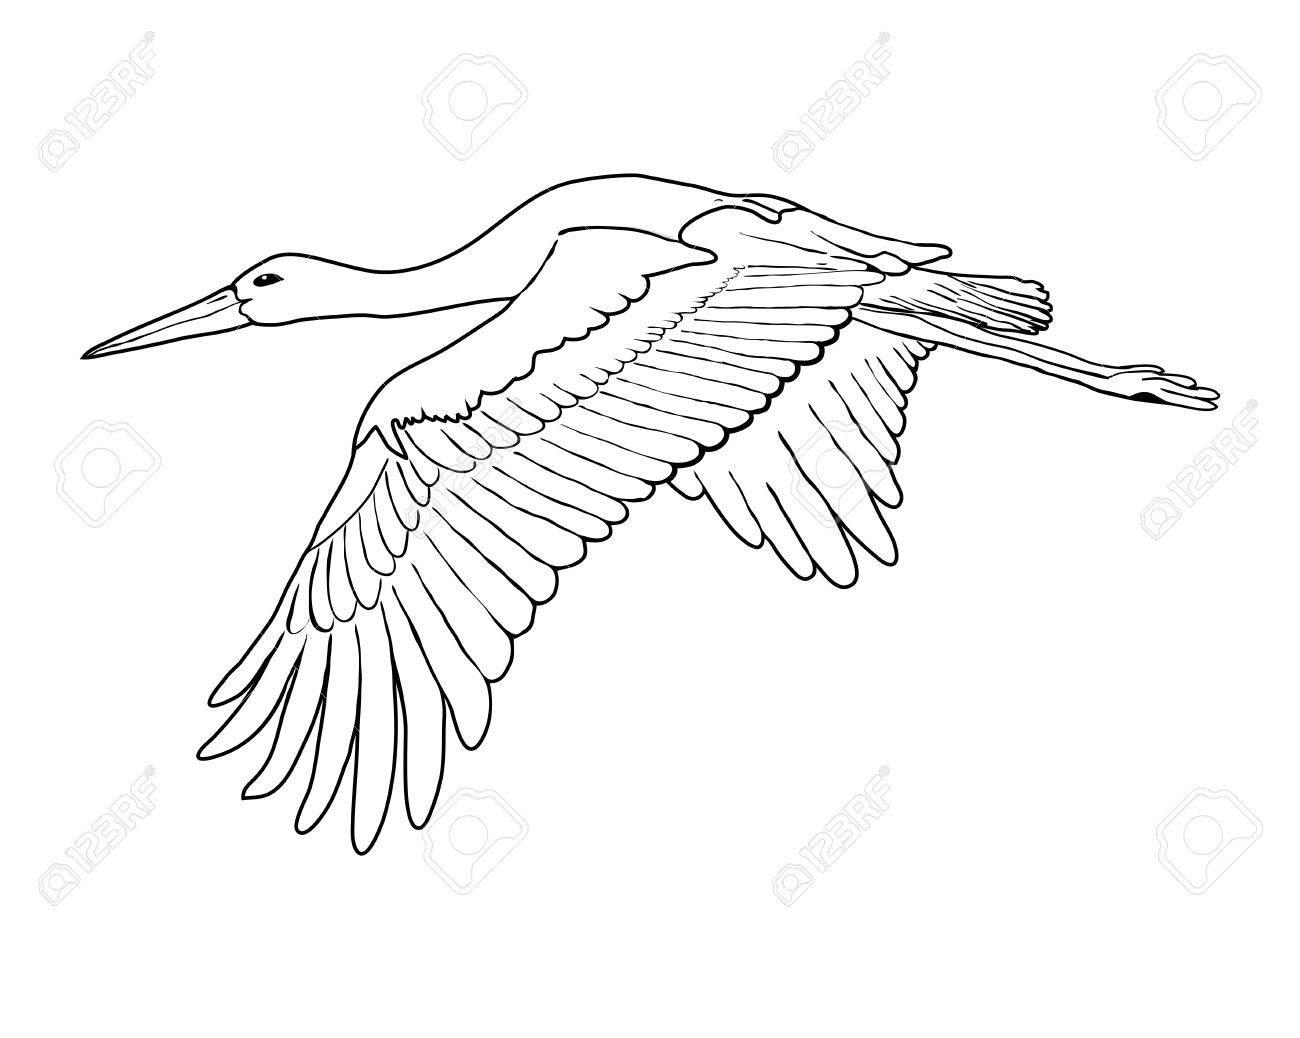 flying stork set outline vector illustration royalty free